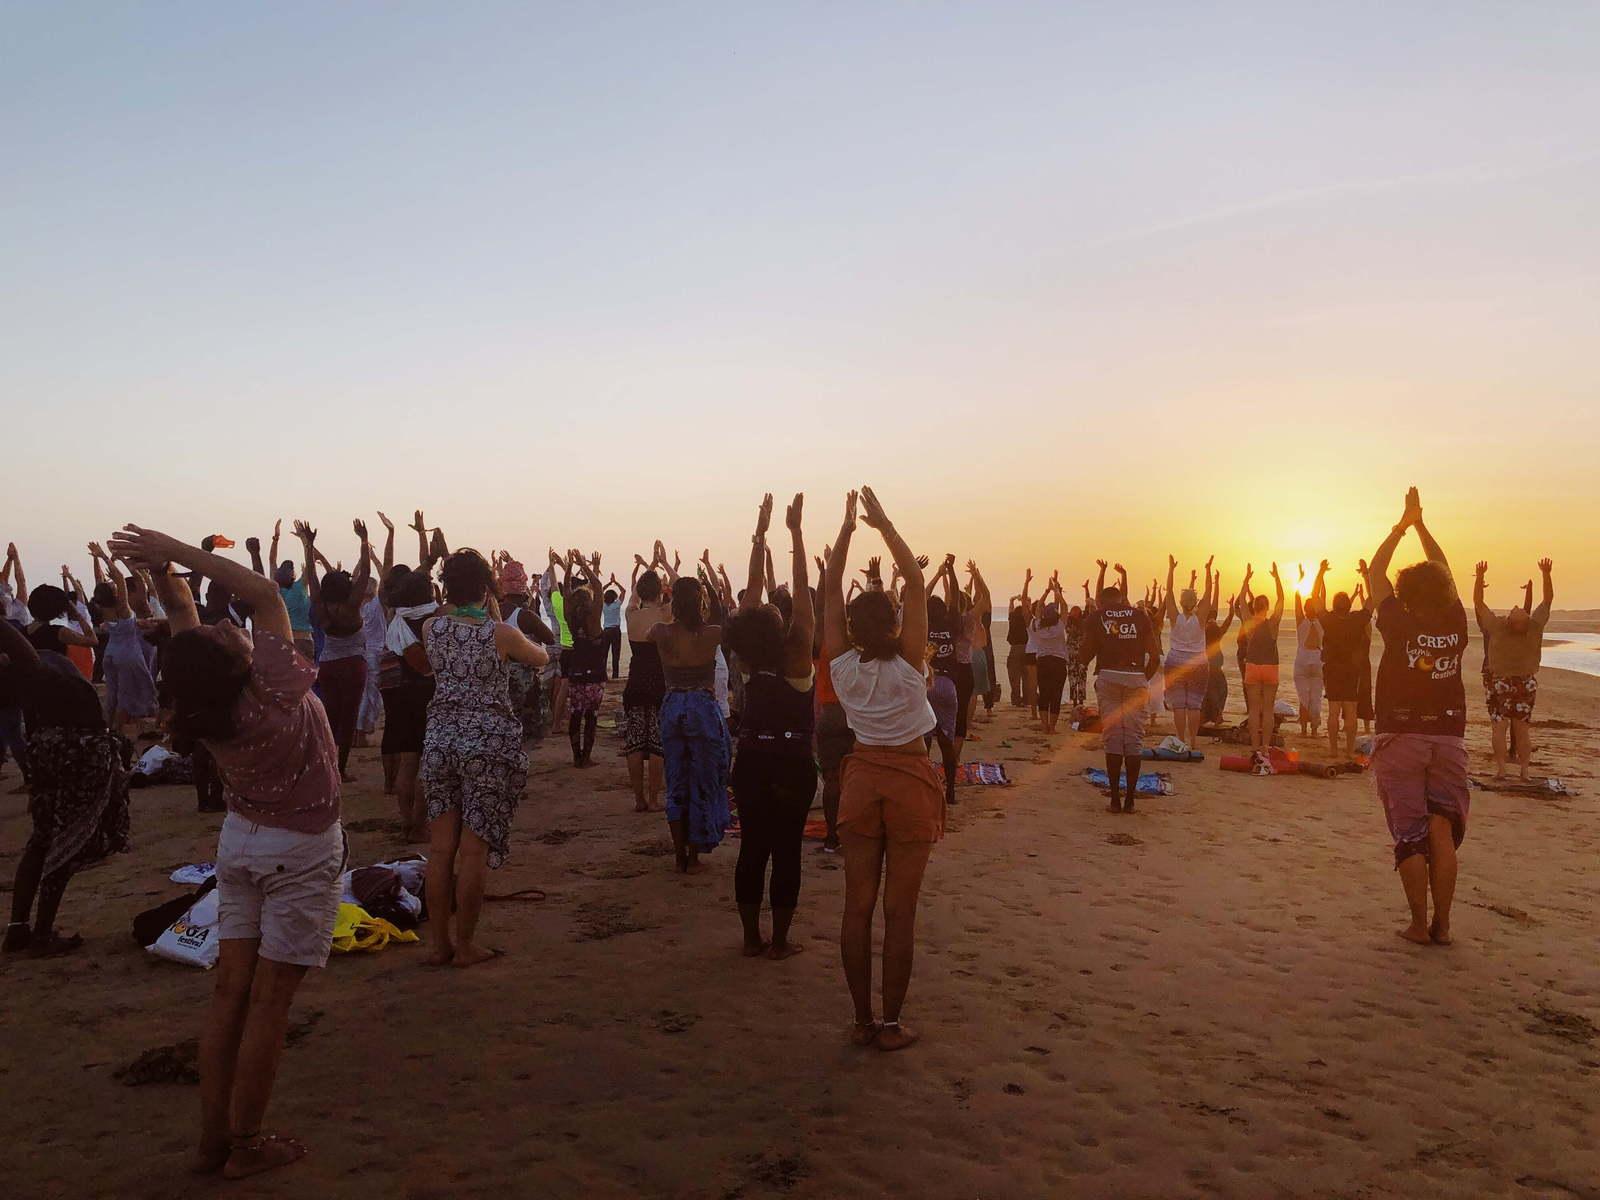 Lamu Yoga Festival, Kenya